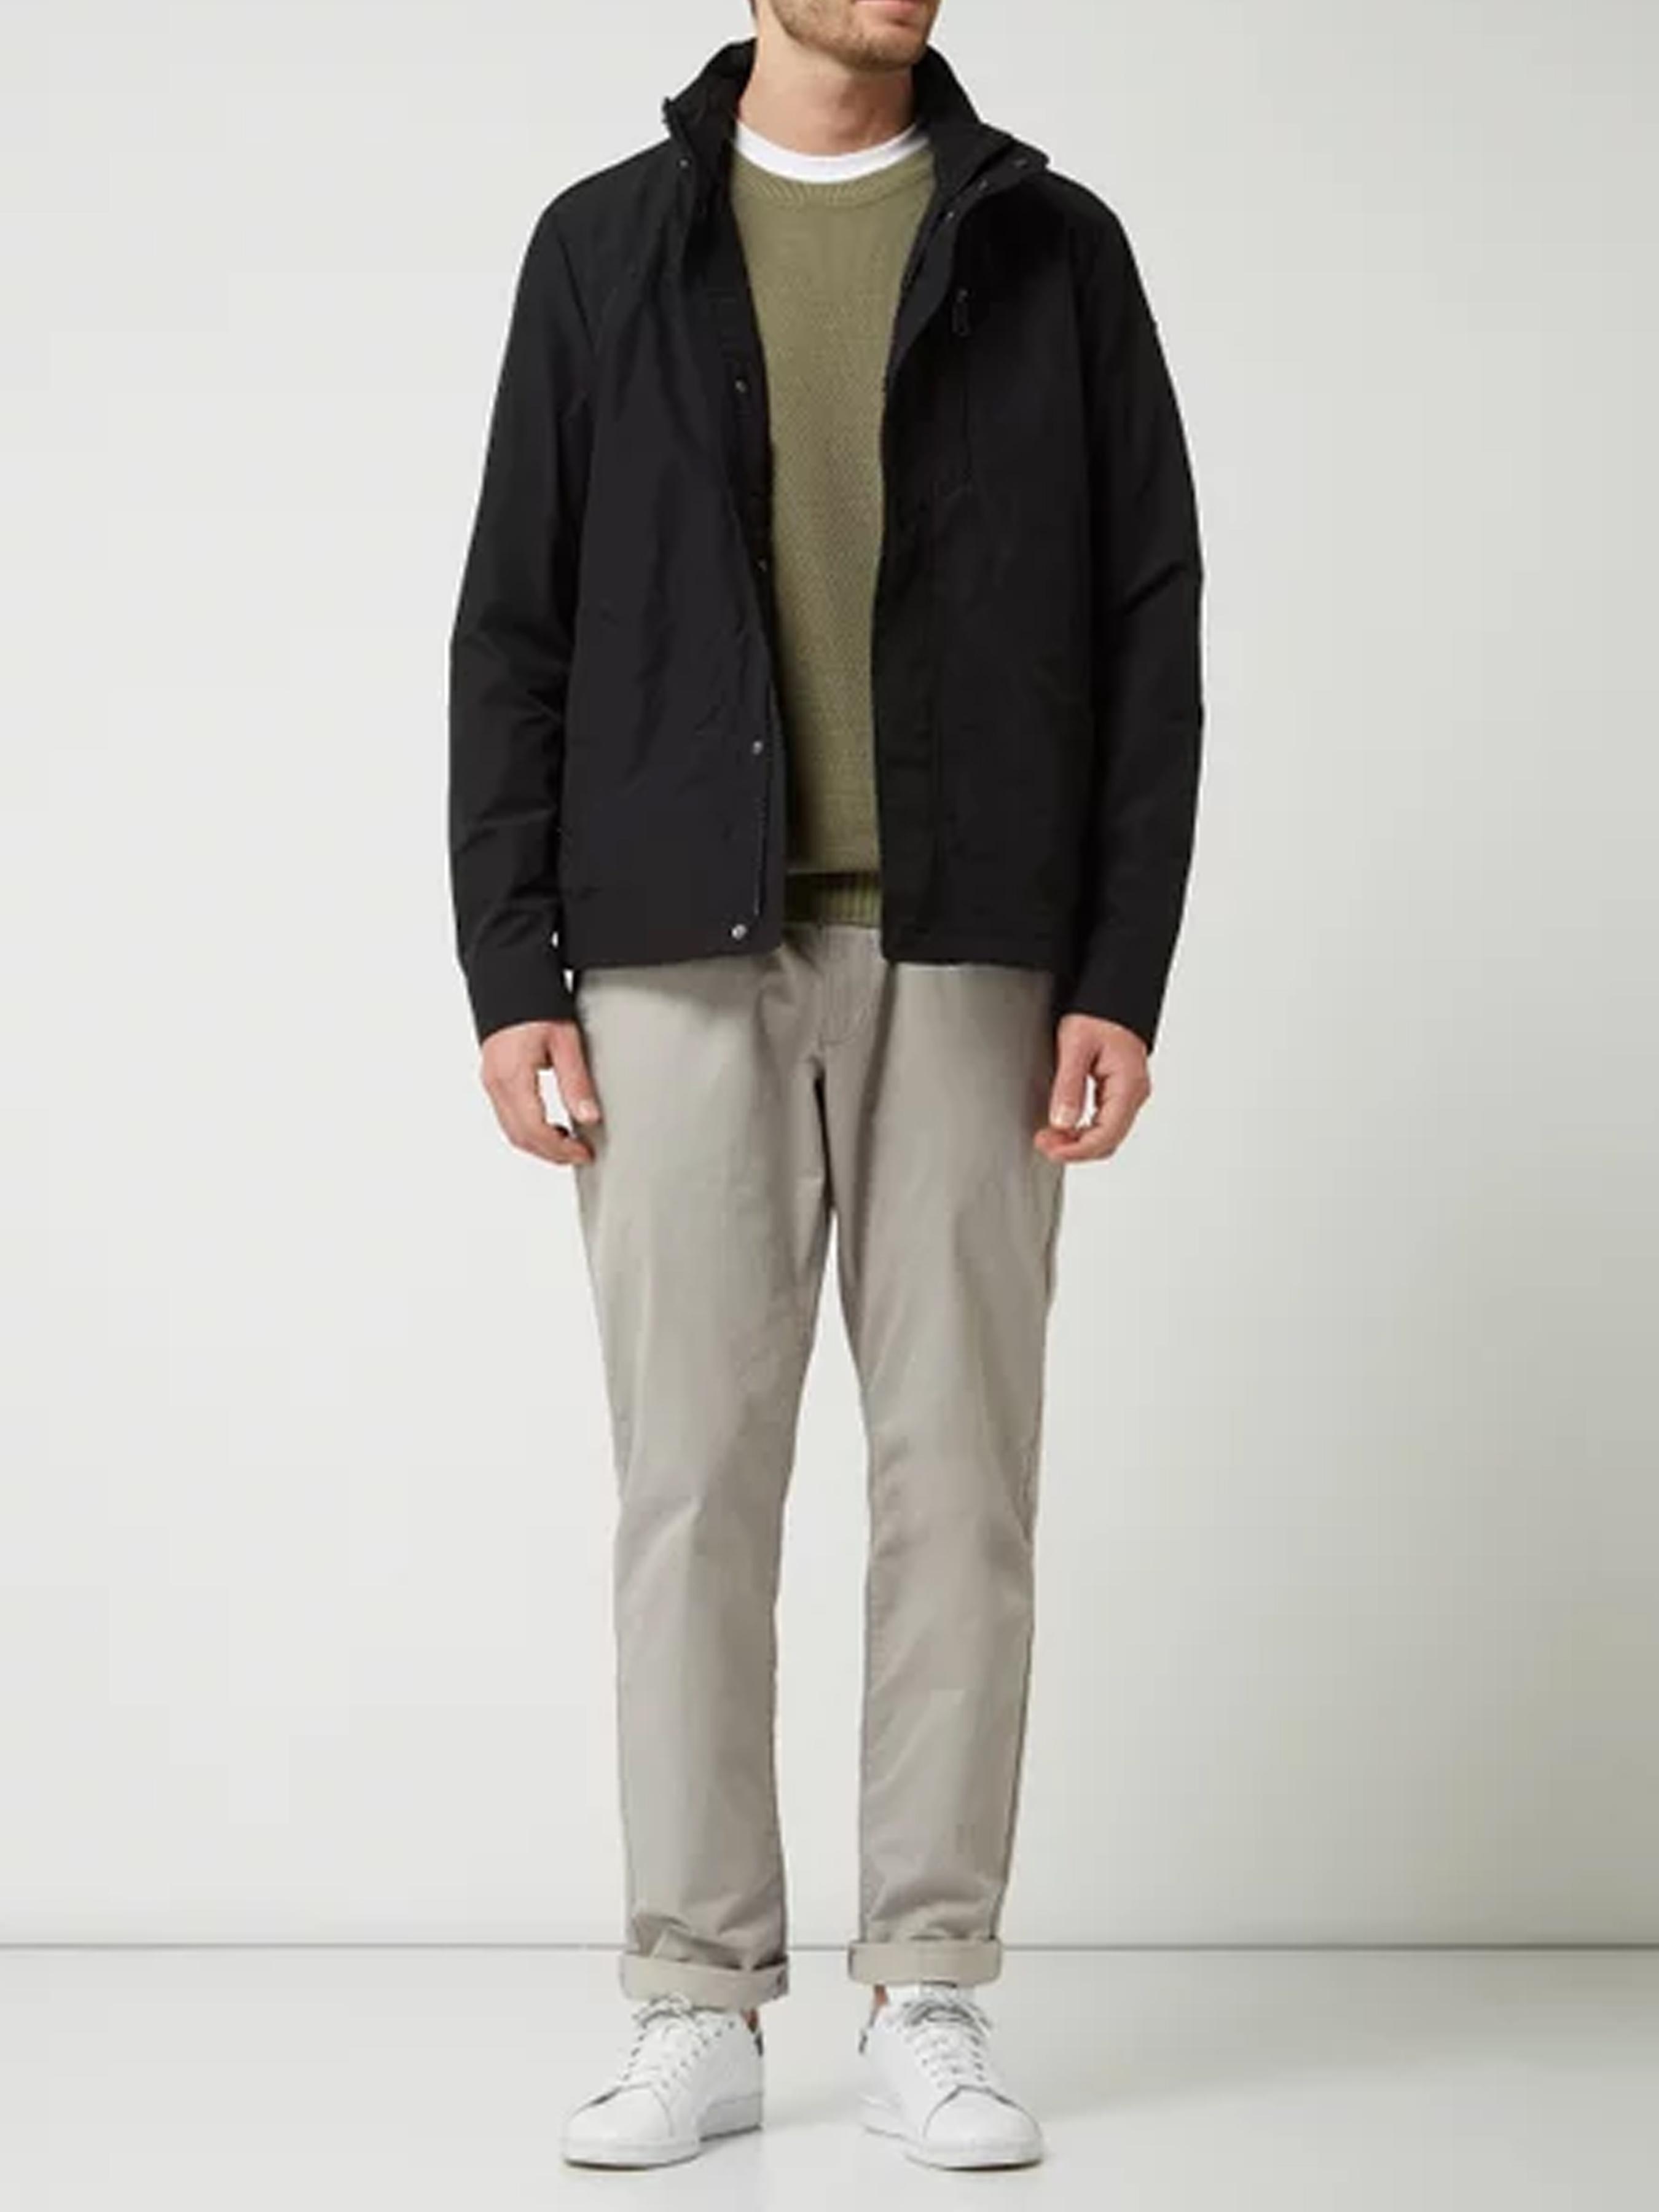 Купить Куртка мужская Geox модель XA6105, Черный